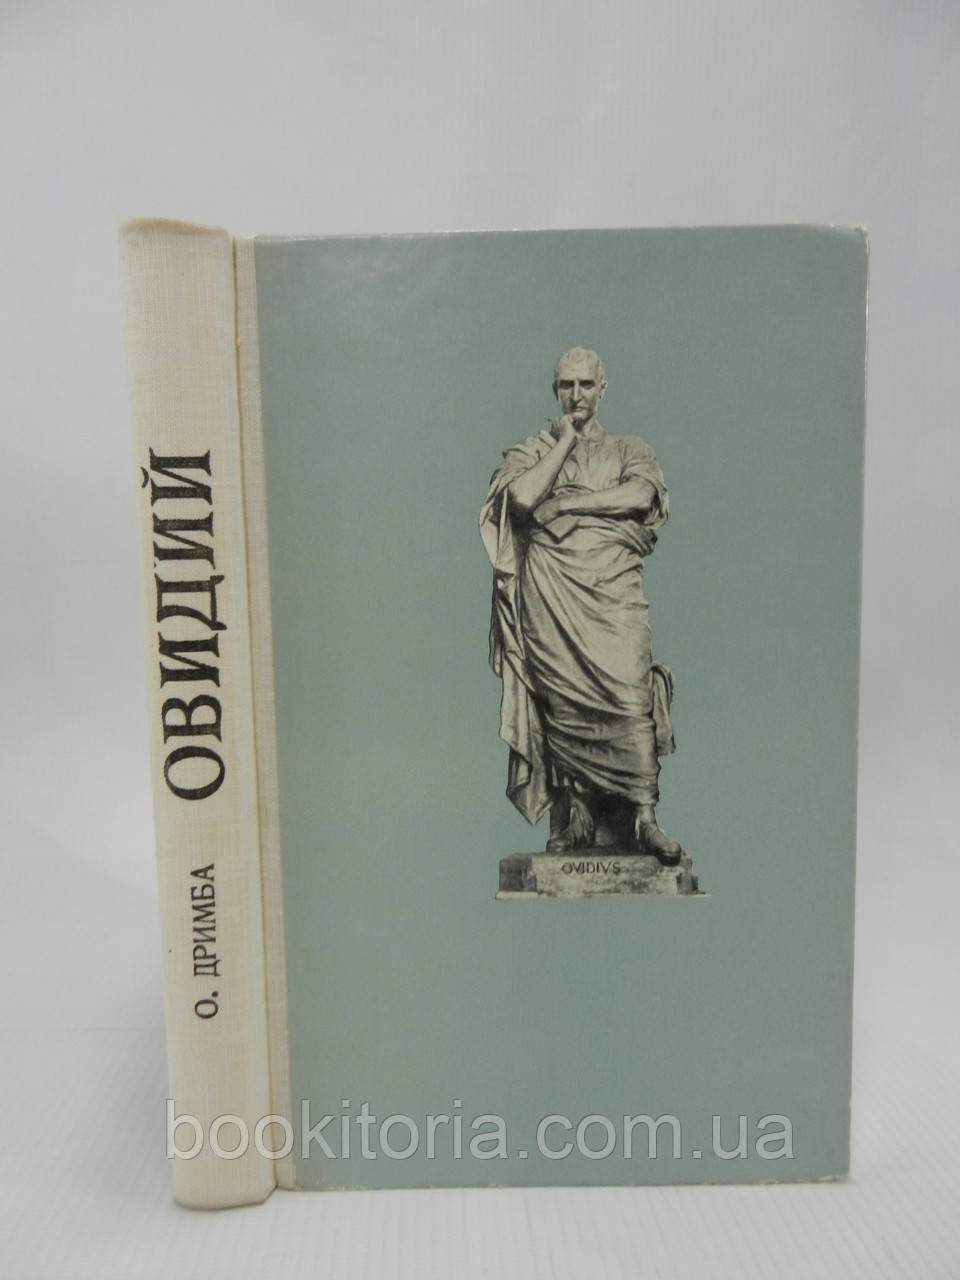 Дримба О. Овидий: Поэт Рима и Том (б/у).